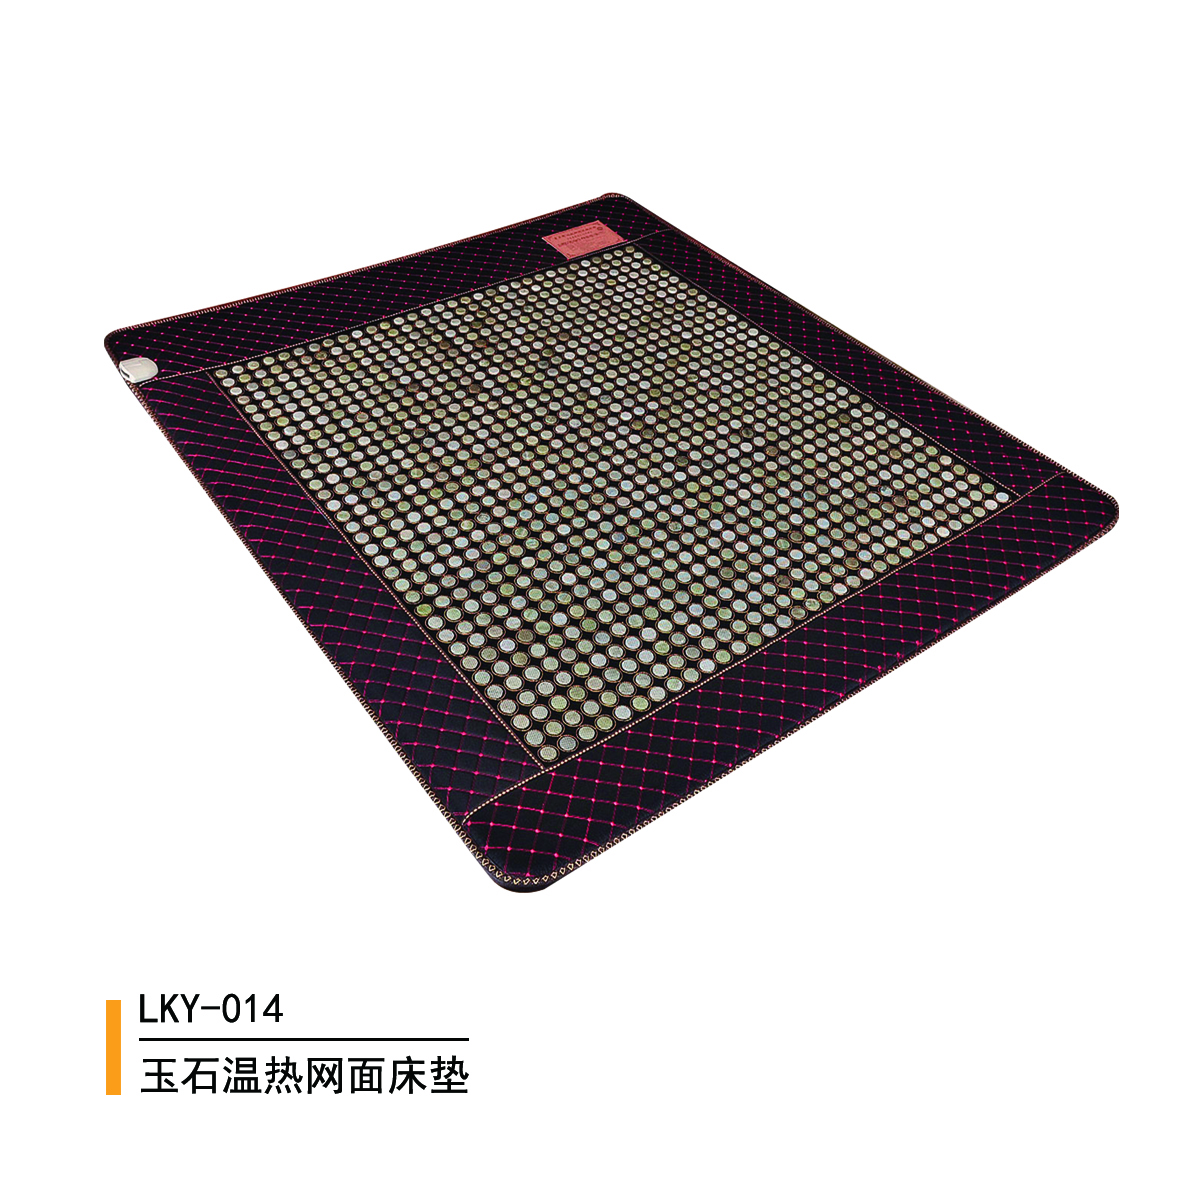 玉石温热网面床垫014